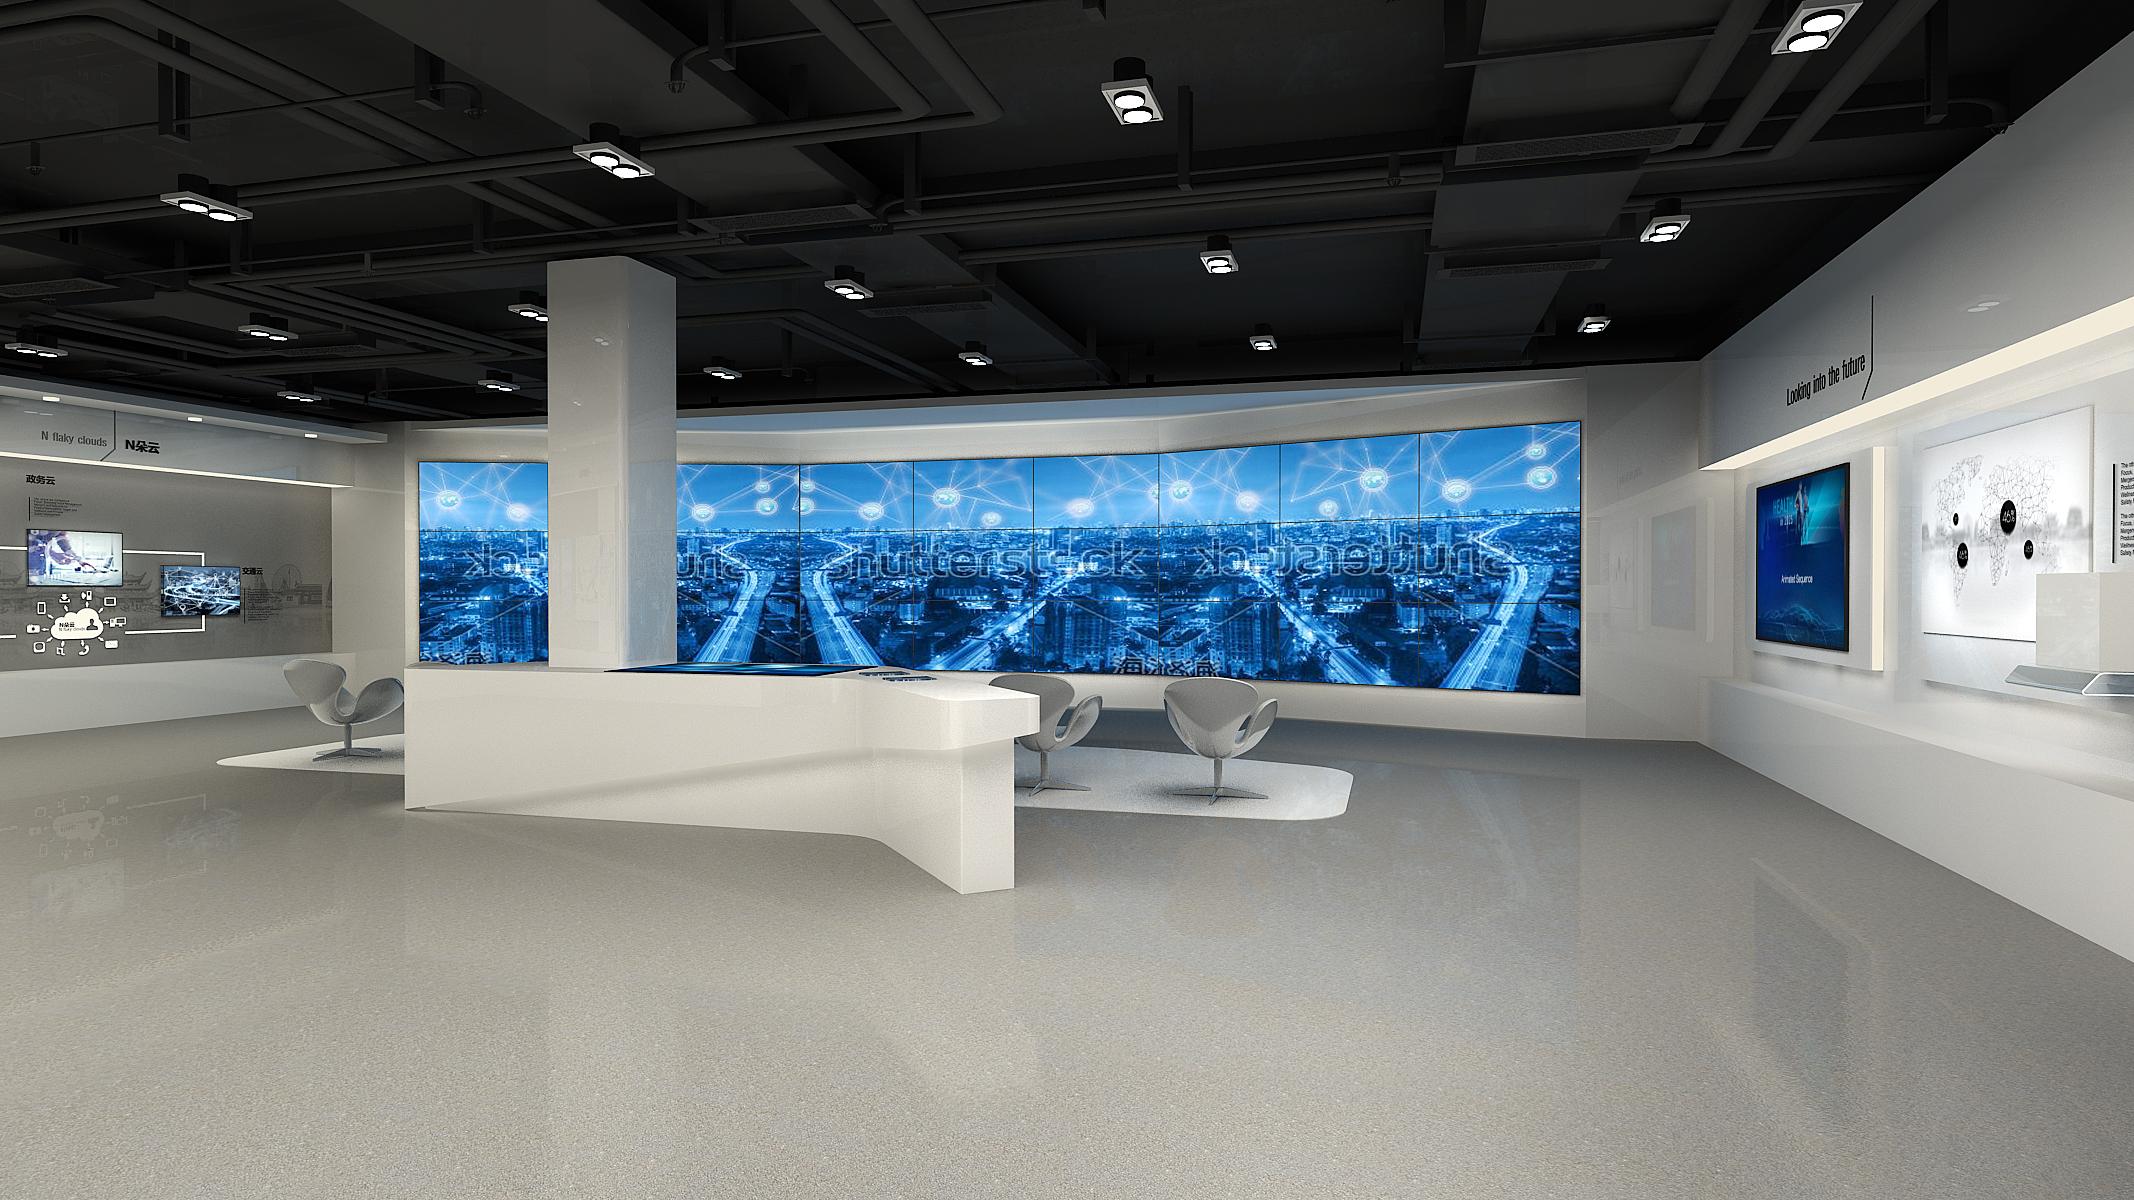 云南安全警示教育基地展厅设计